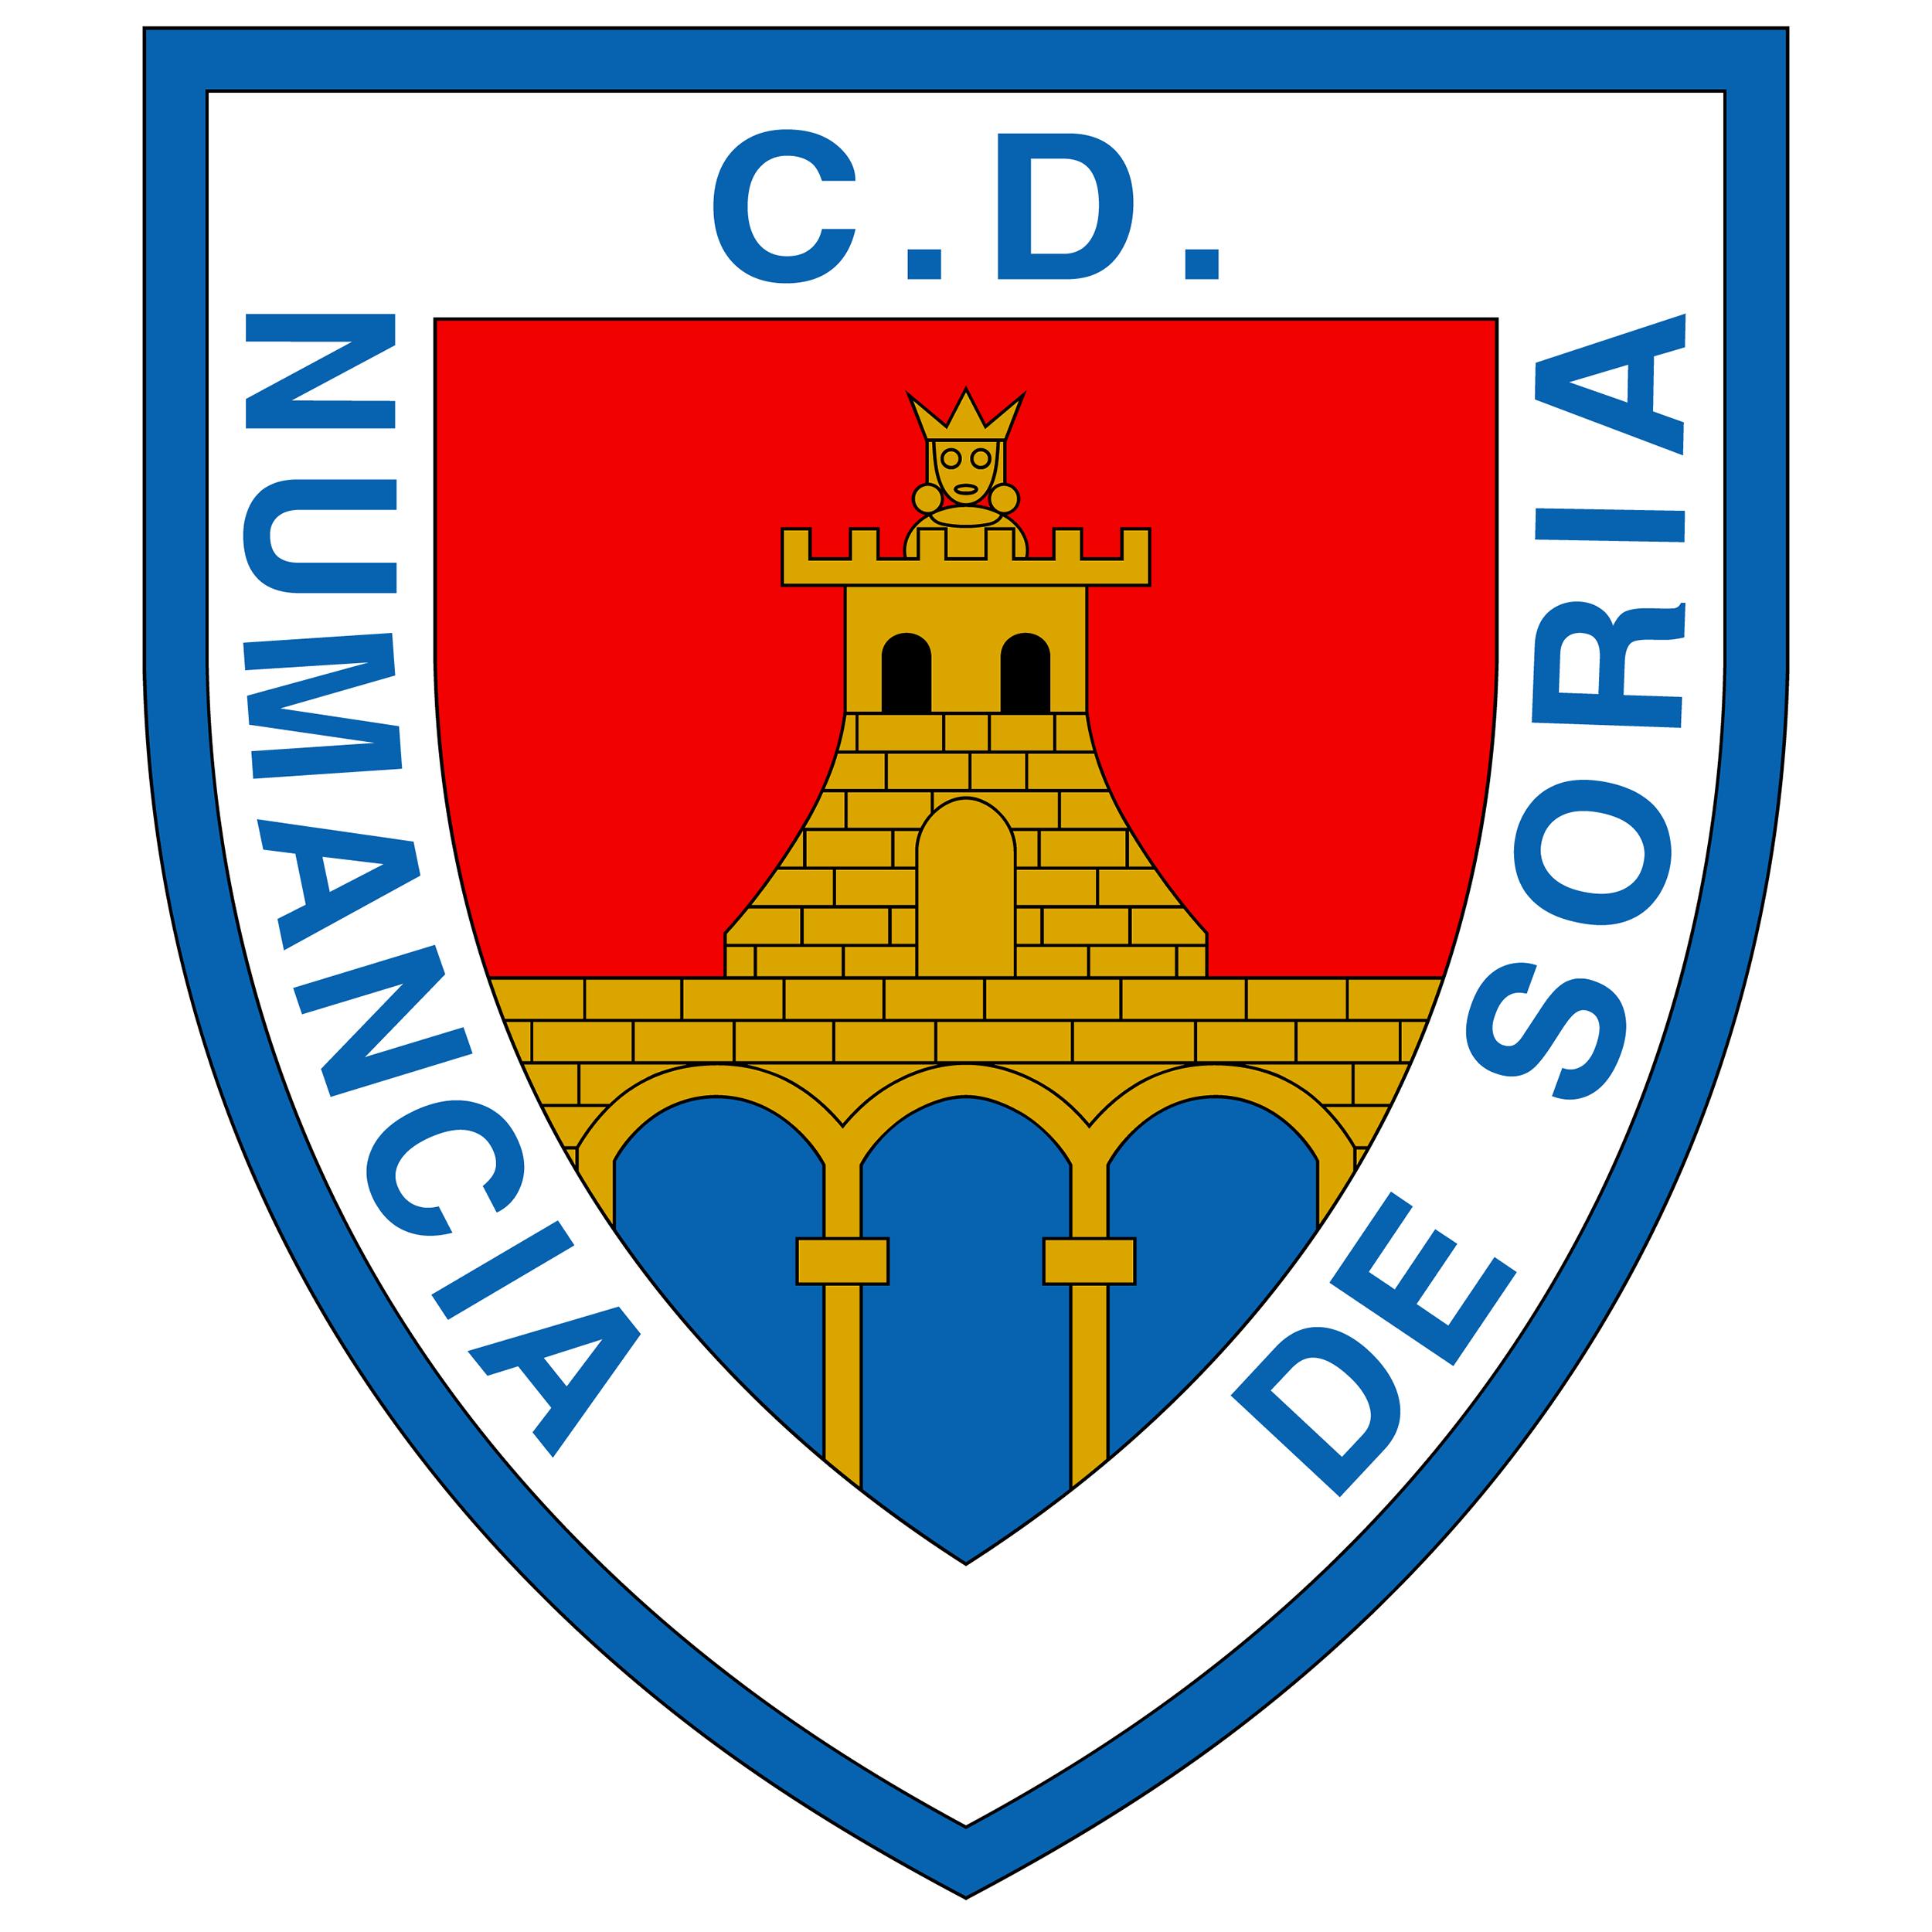 Club Deportivo Numancia Soria Esp Espanha Futebol Escudos De Futebol Futebol Espanhol